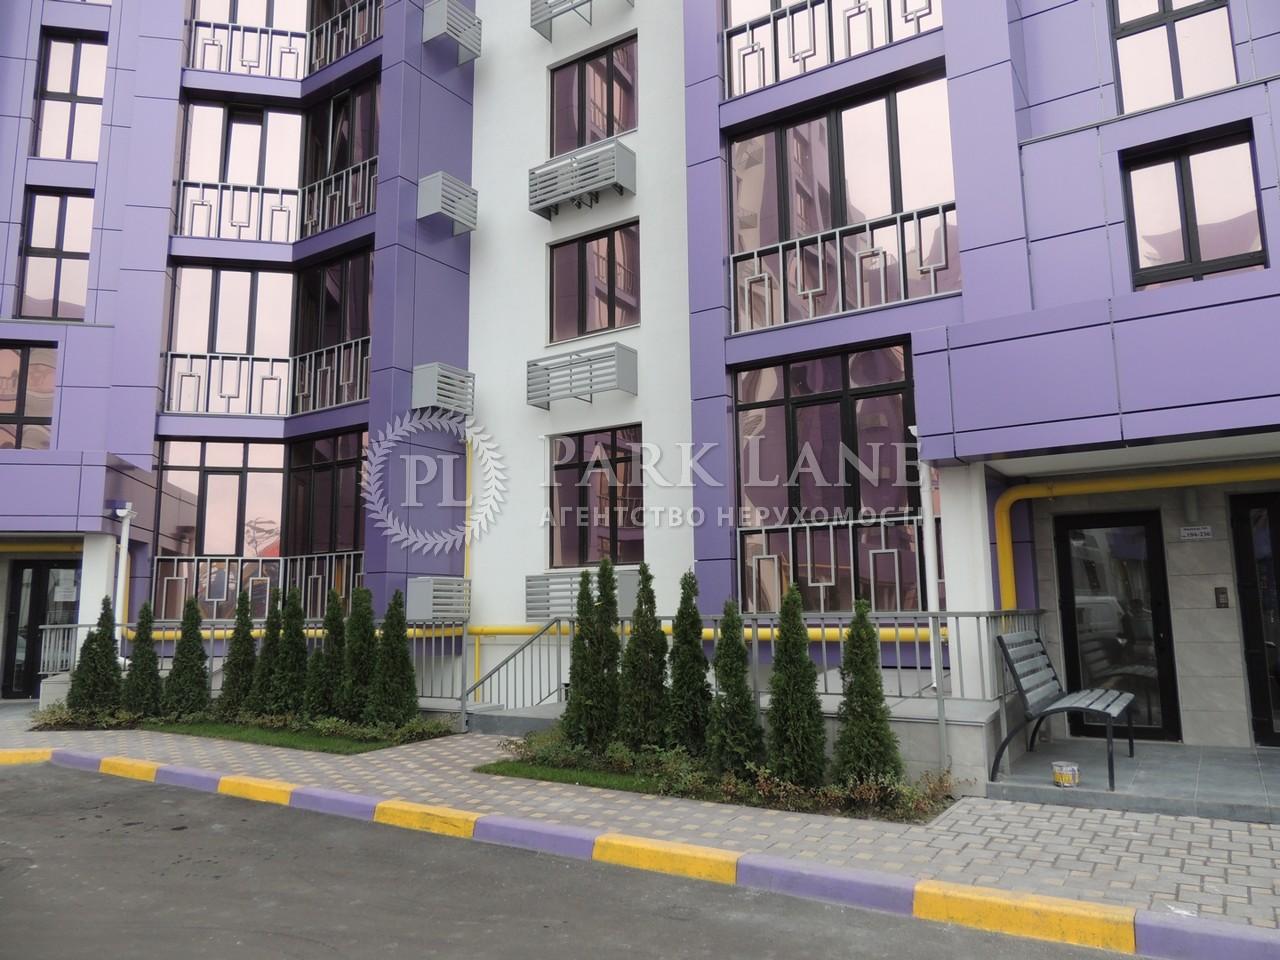 Квартира ул. Садовая, 1в, Петропавловская Борщаговка, B-95089 - Фото 13